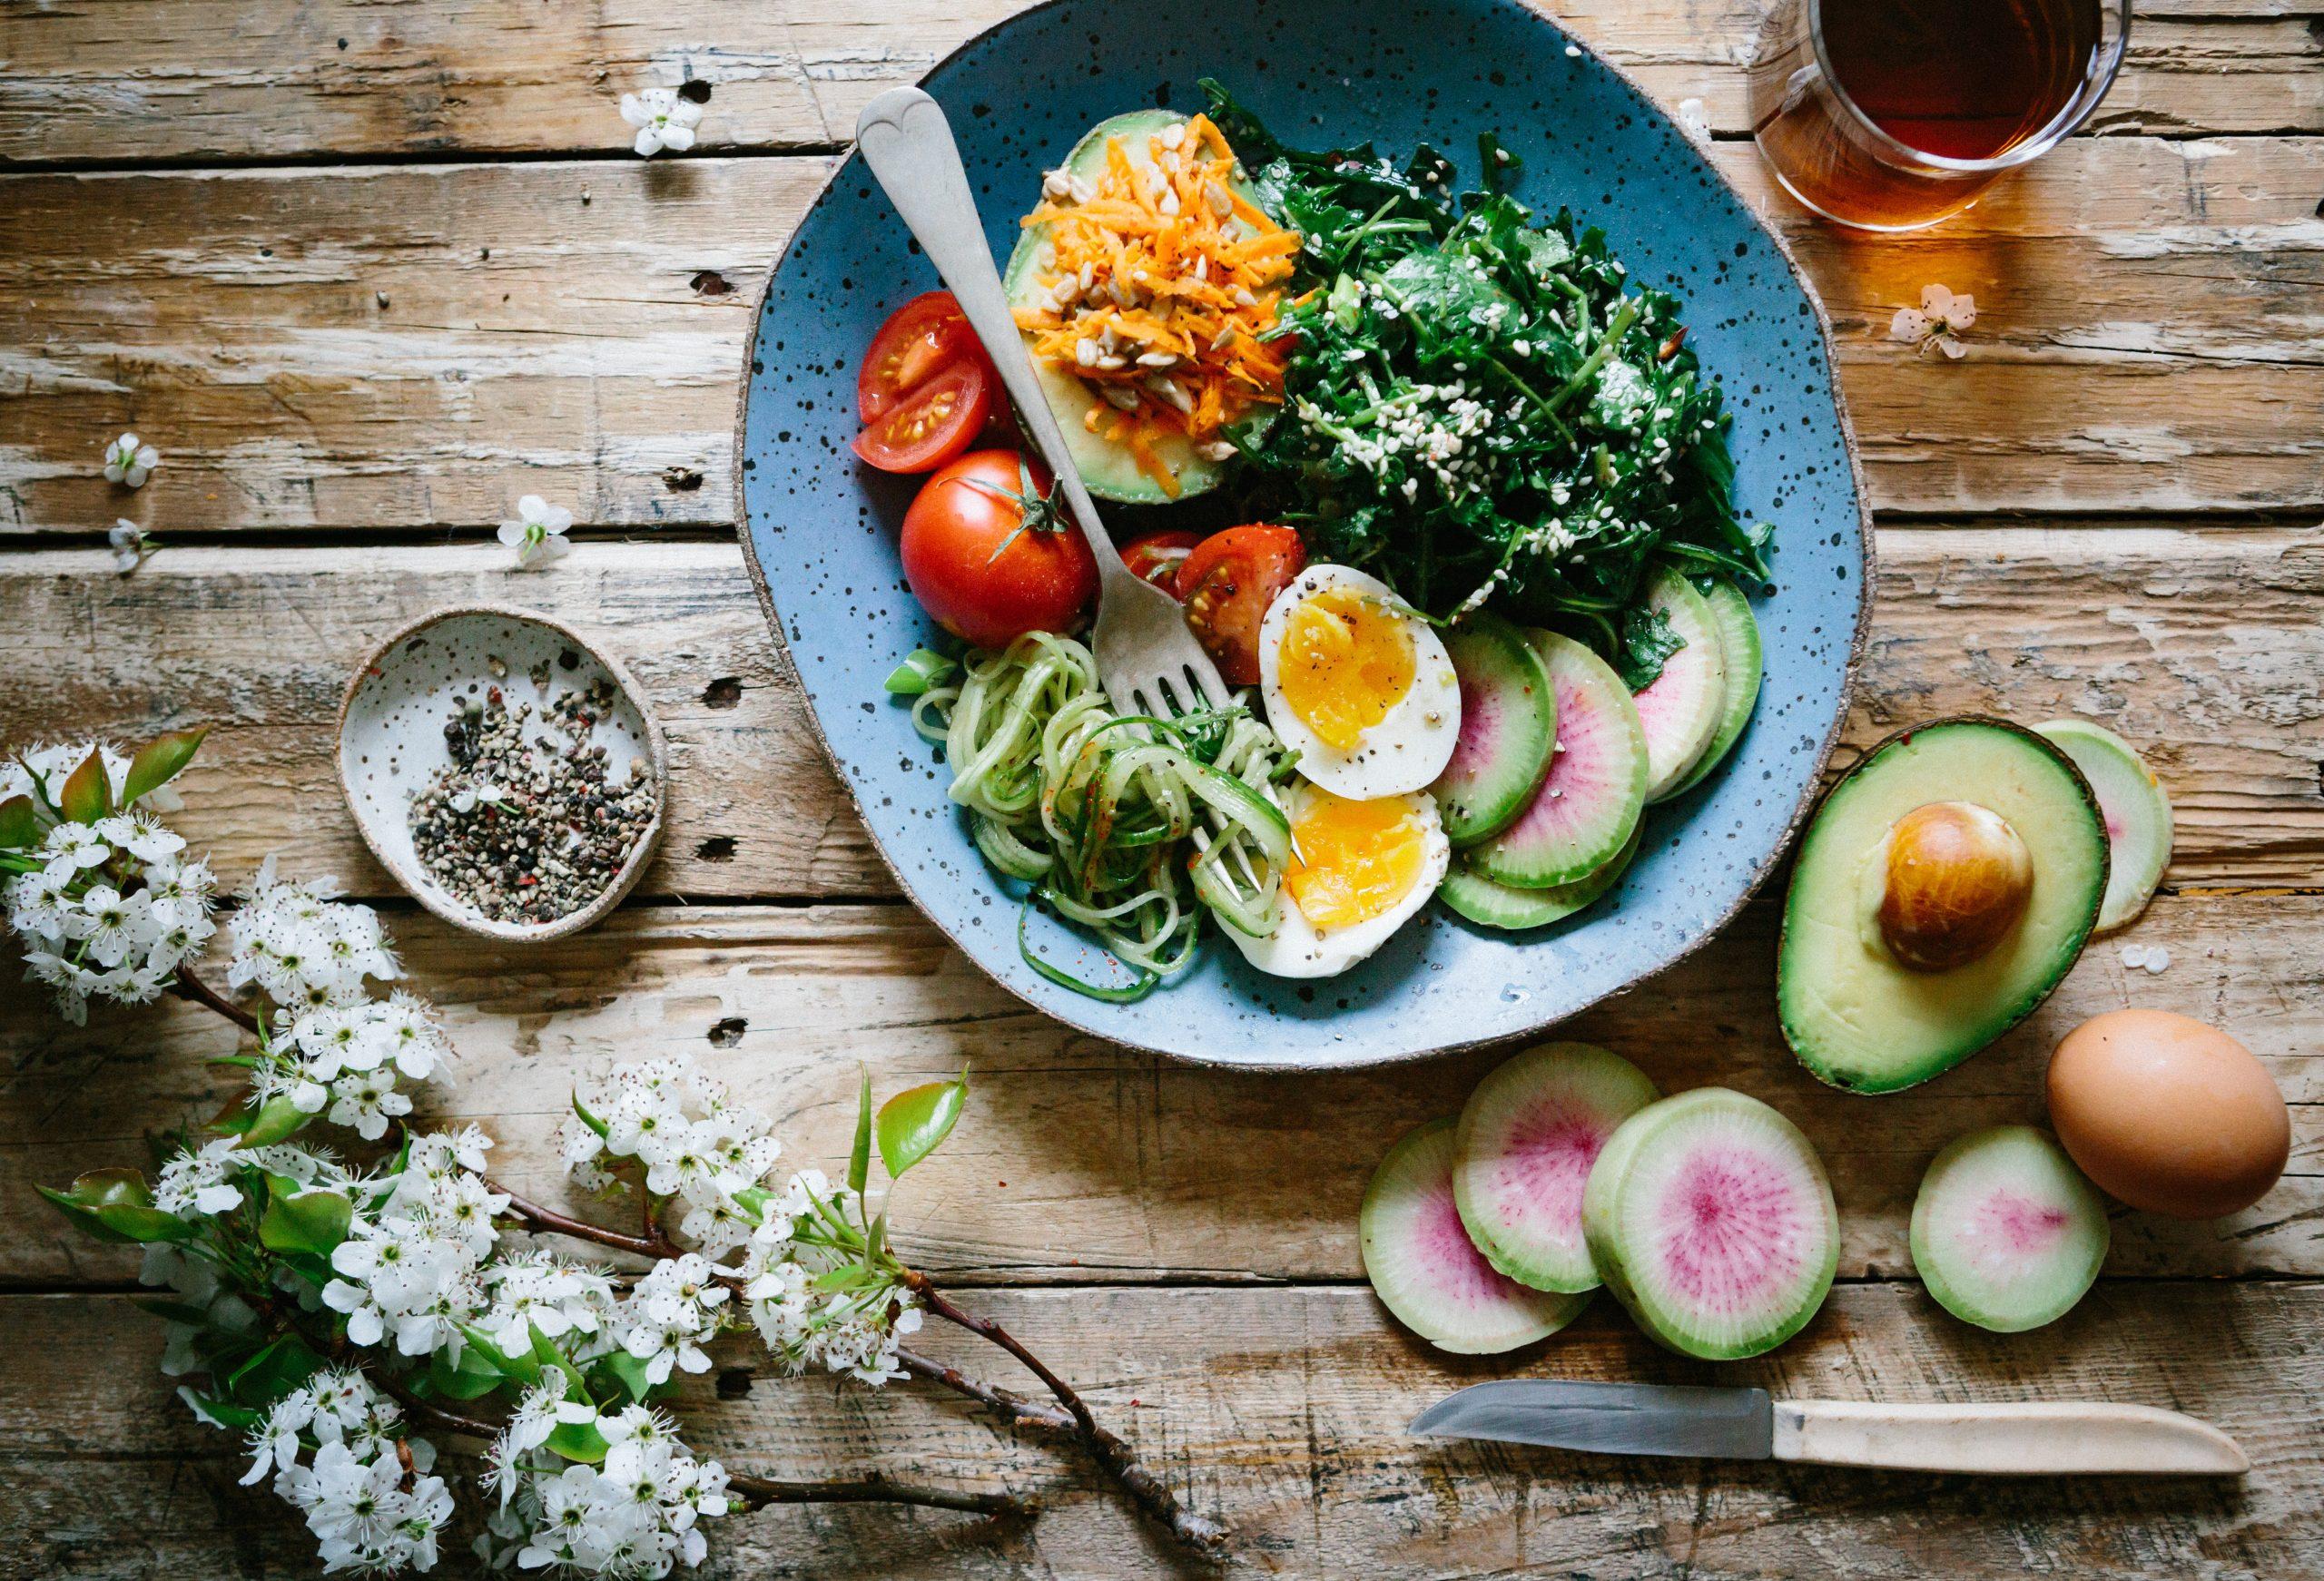 קורס ייעוץ לאורך חיים בריא